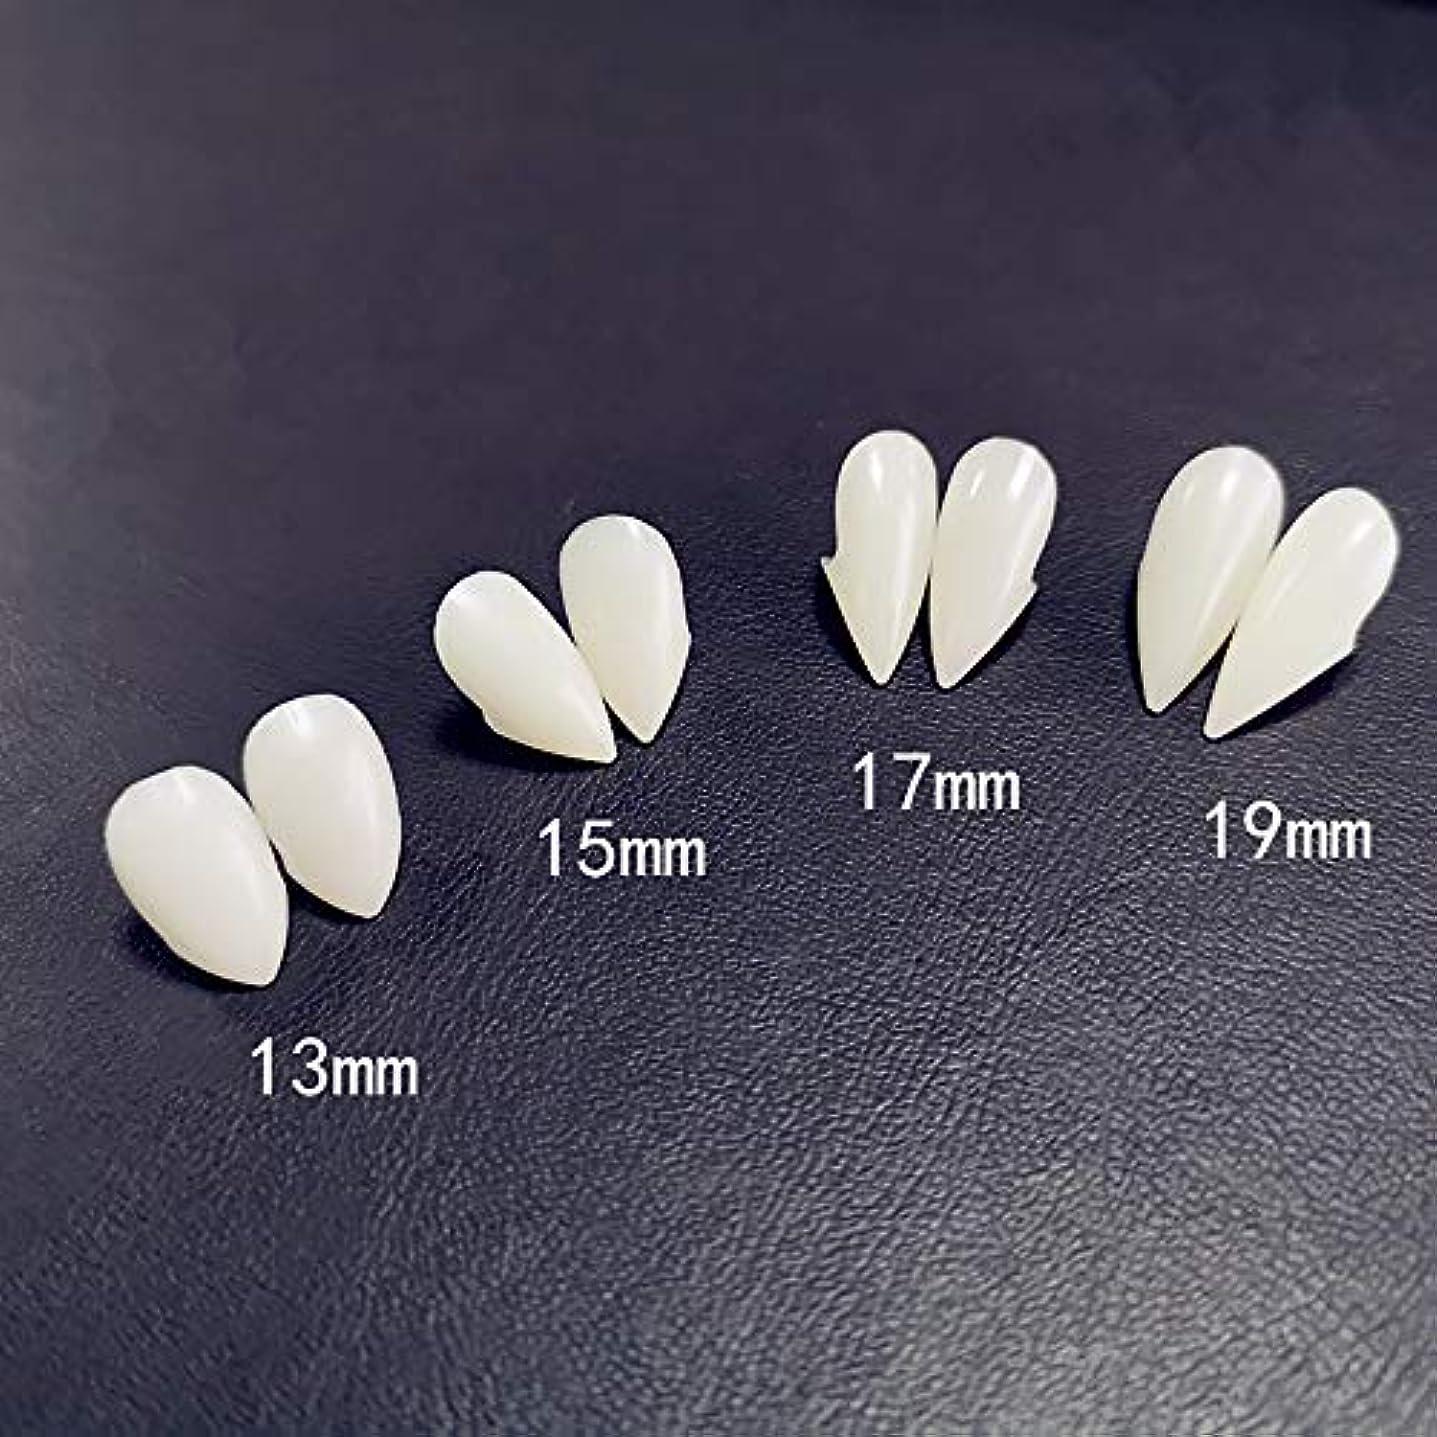 柔らかい足有限支配する6ペア牙キット歯の入れ歯歯の牙入れ歯小道具ハロウィーンの衣装小道具パーティーの好意休日DIYの装飾ホラー大人のための子供,17mm